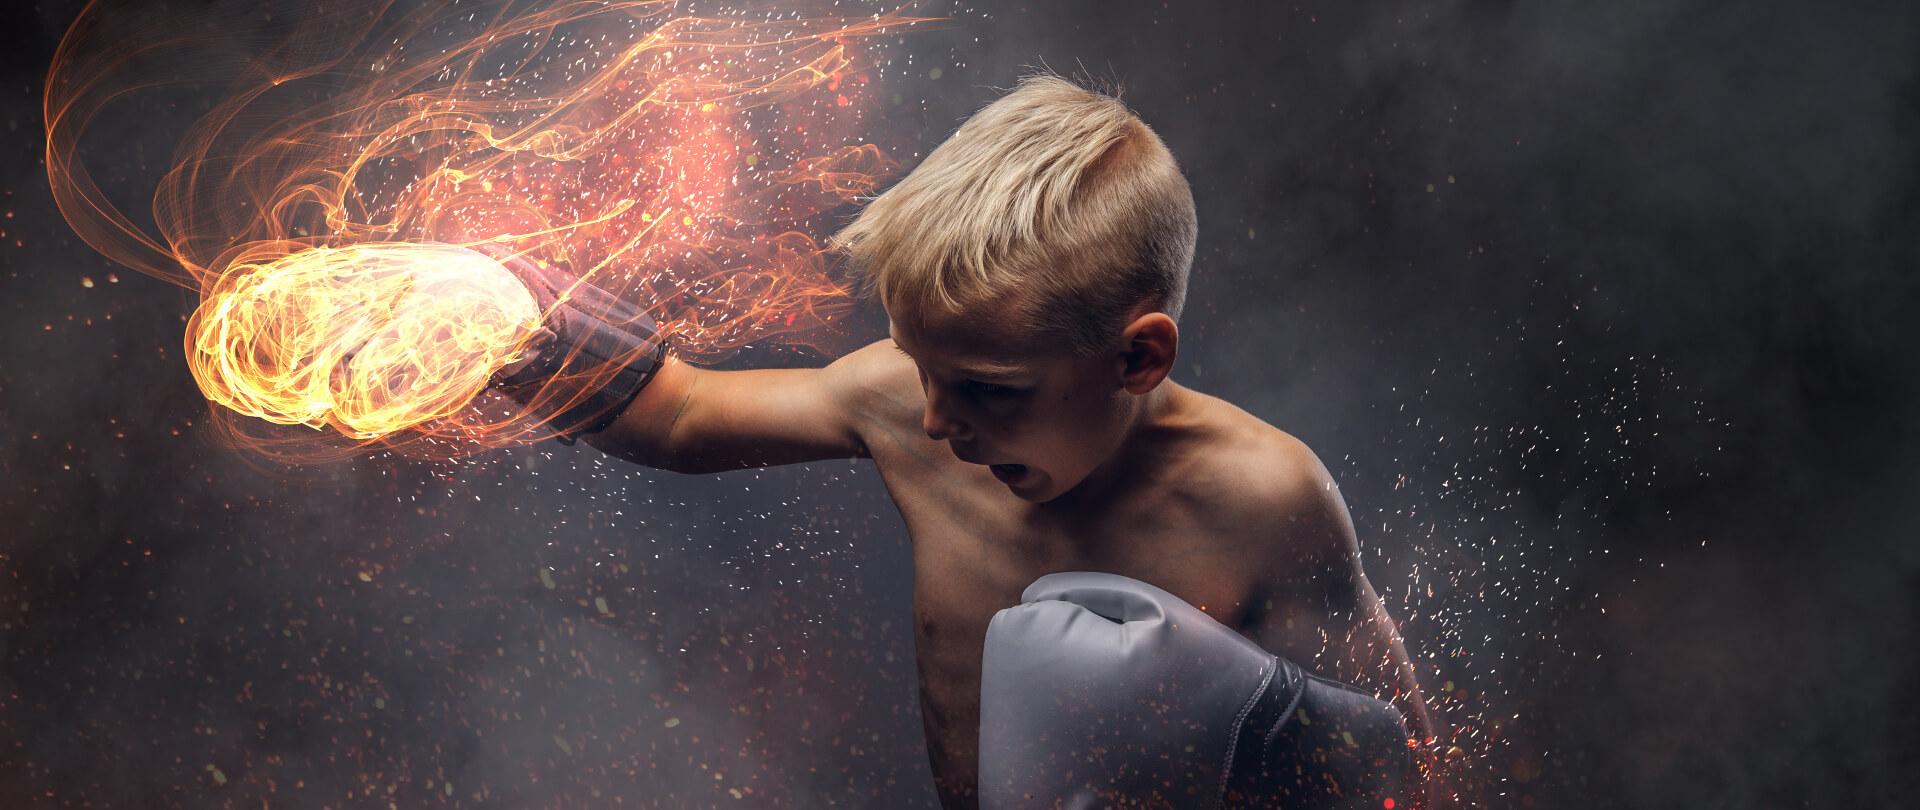 Boxedzés gyerekeknek 8-14 éves korig